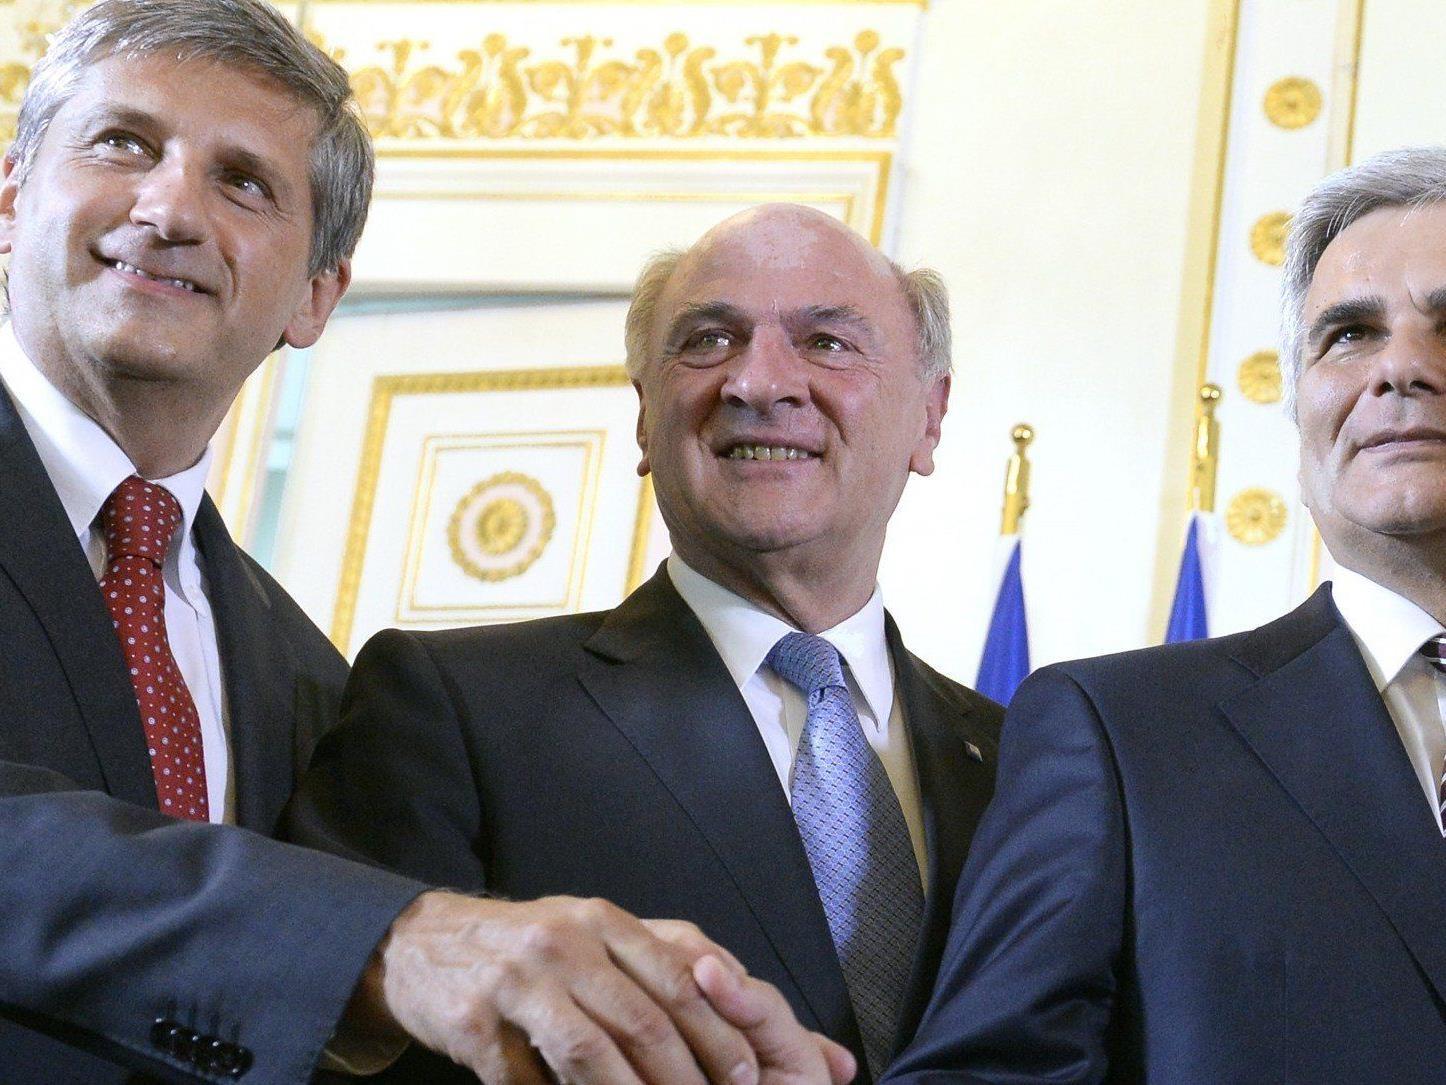 Erwin Pröll (mitte, Spindelegger links und Faymann rechts) wünscht sich wieder eine Zweierkoalition in der Bundesregierung.